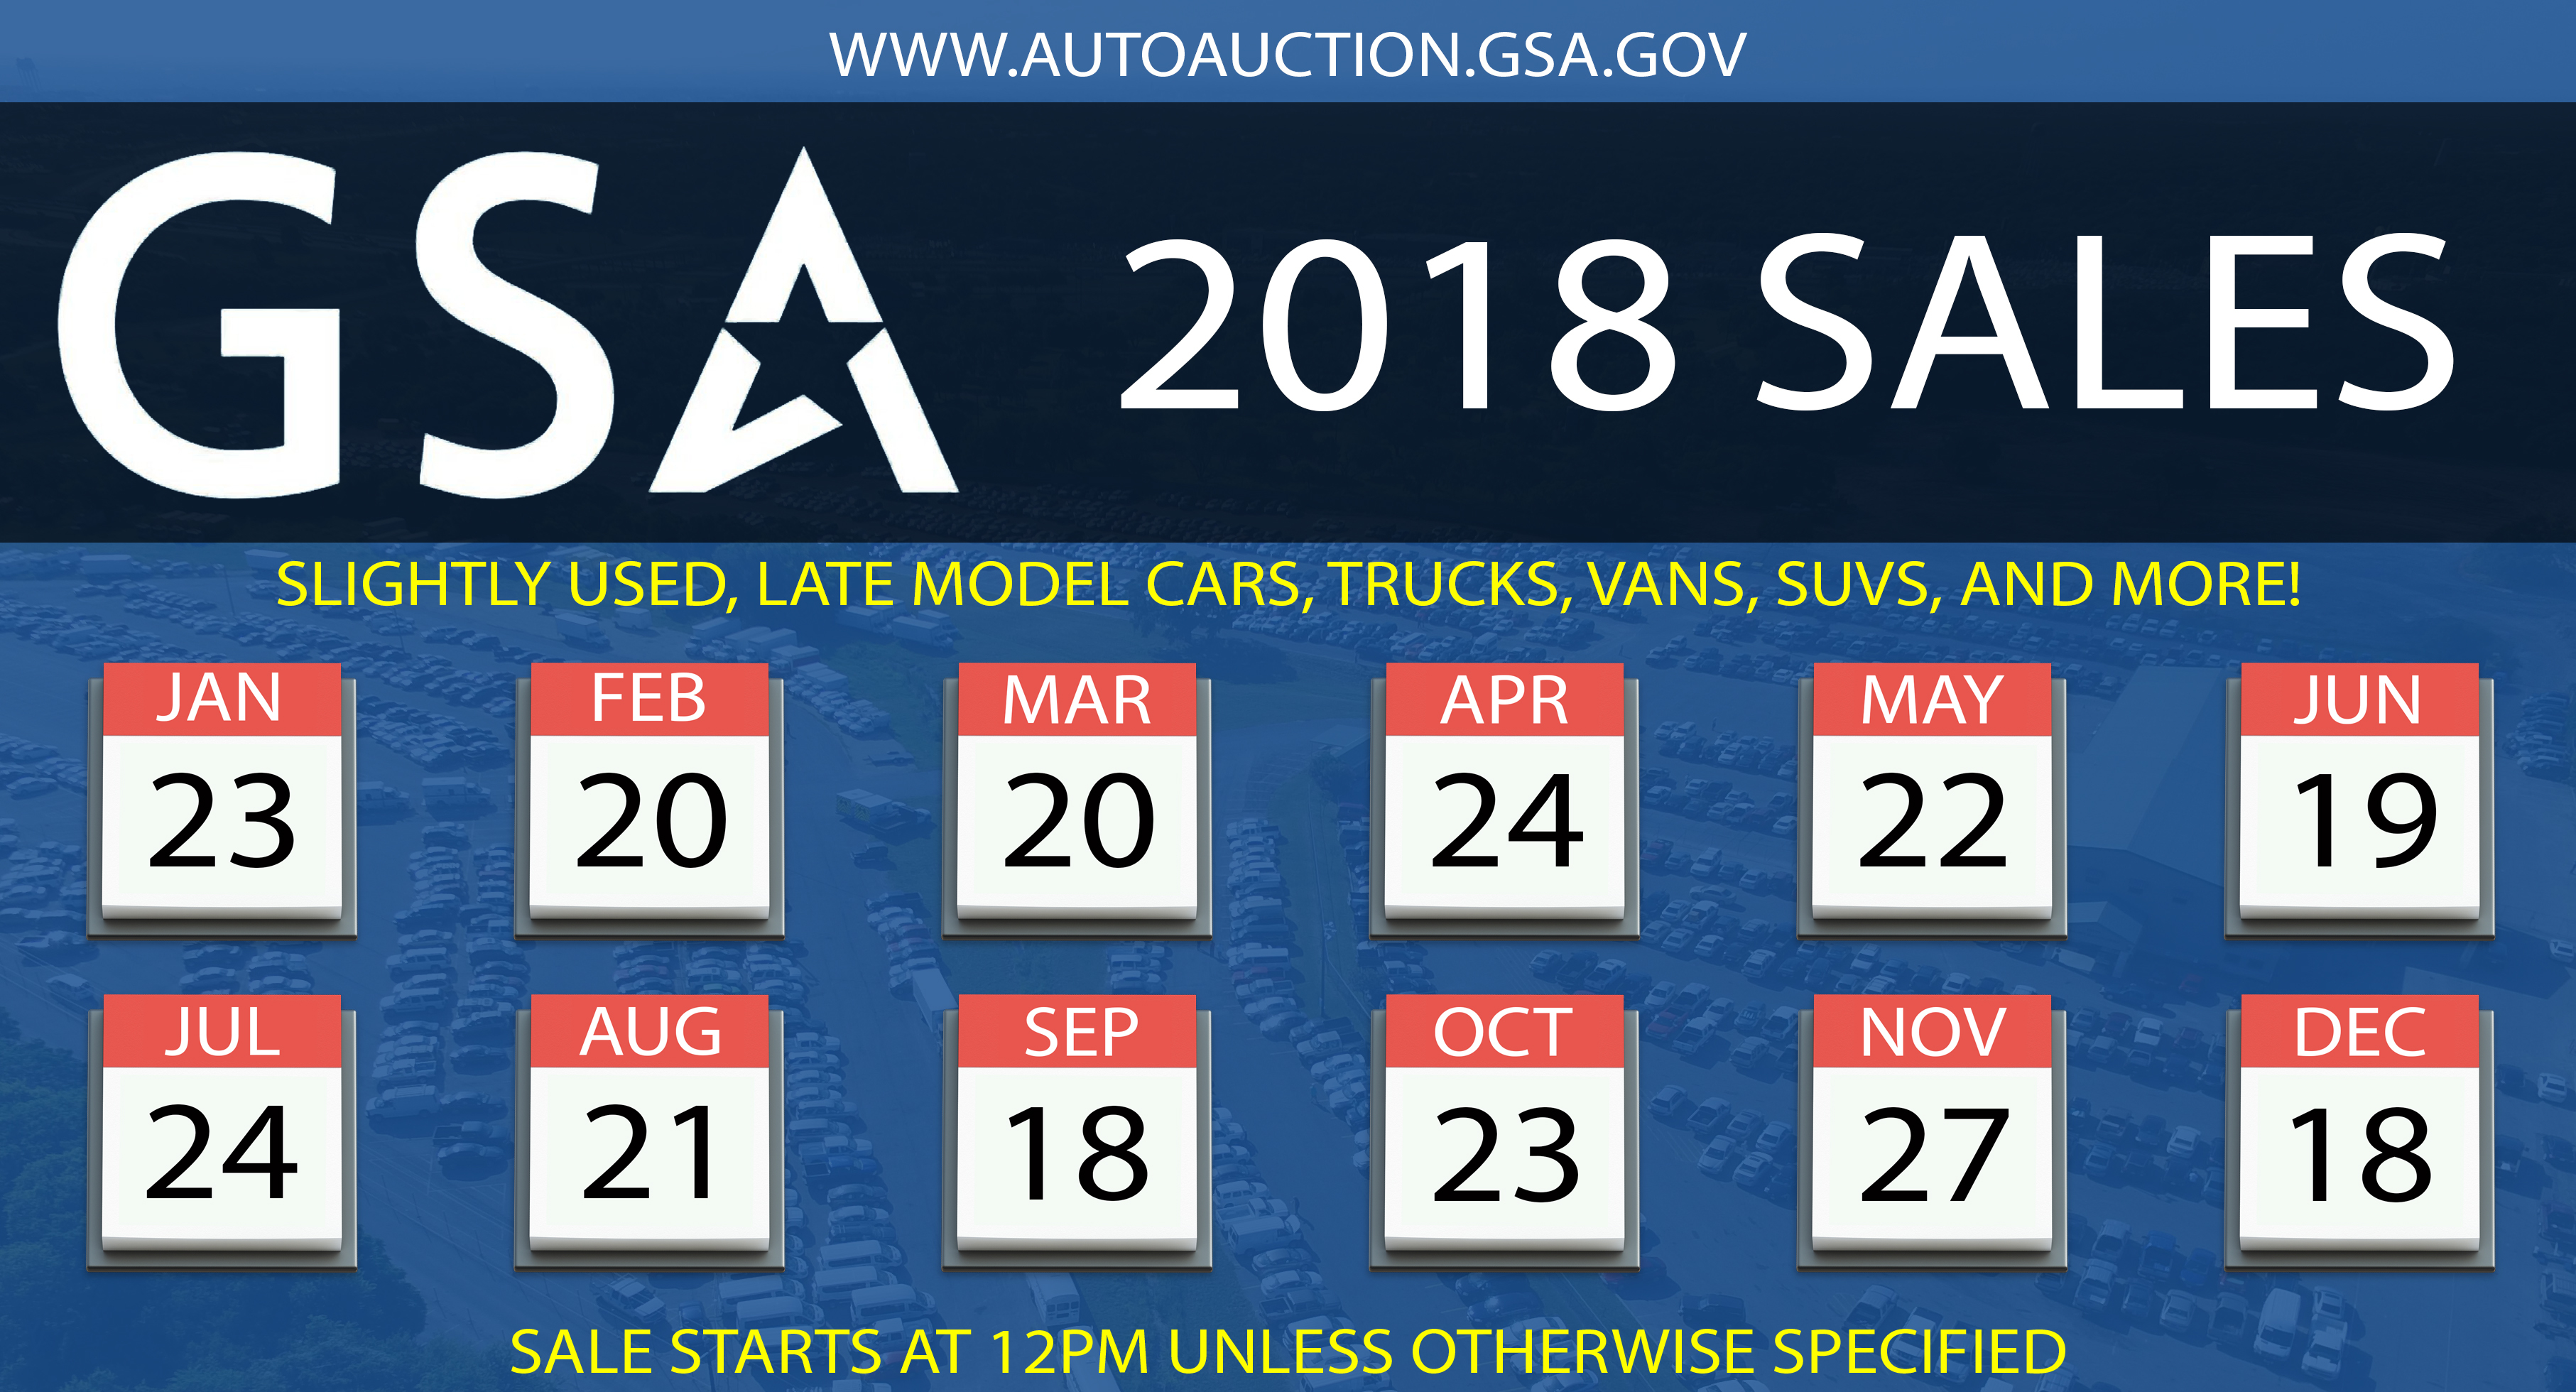 Gsa Auto Auction >> Gsa Auto Auction Car Release And Reviews 2019 2020